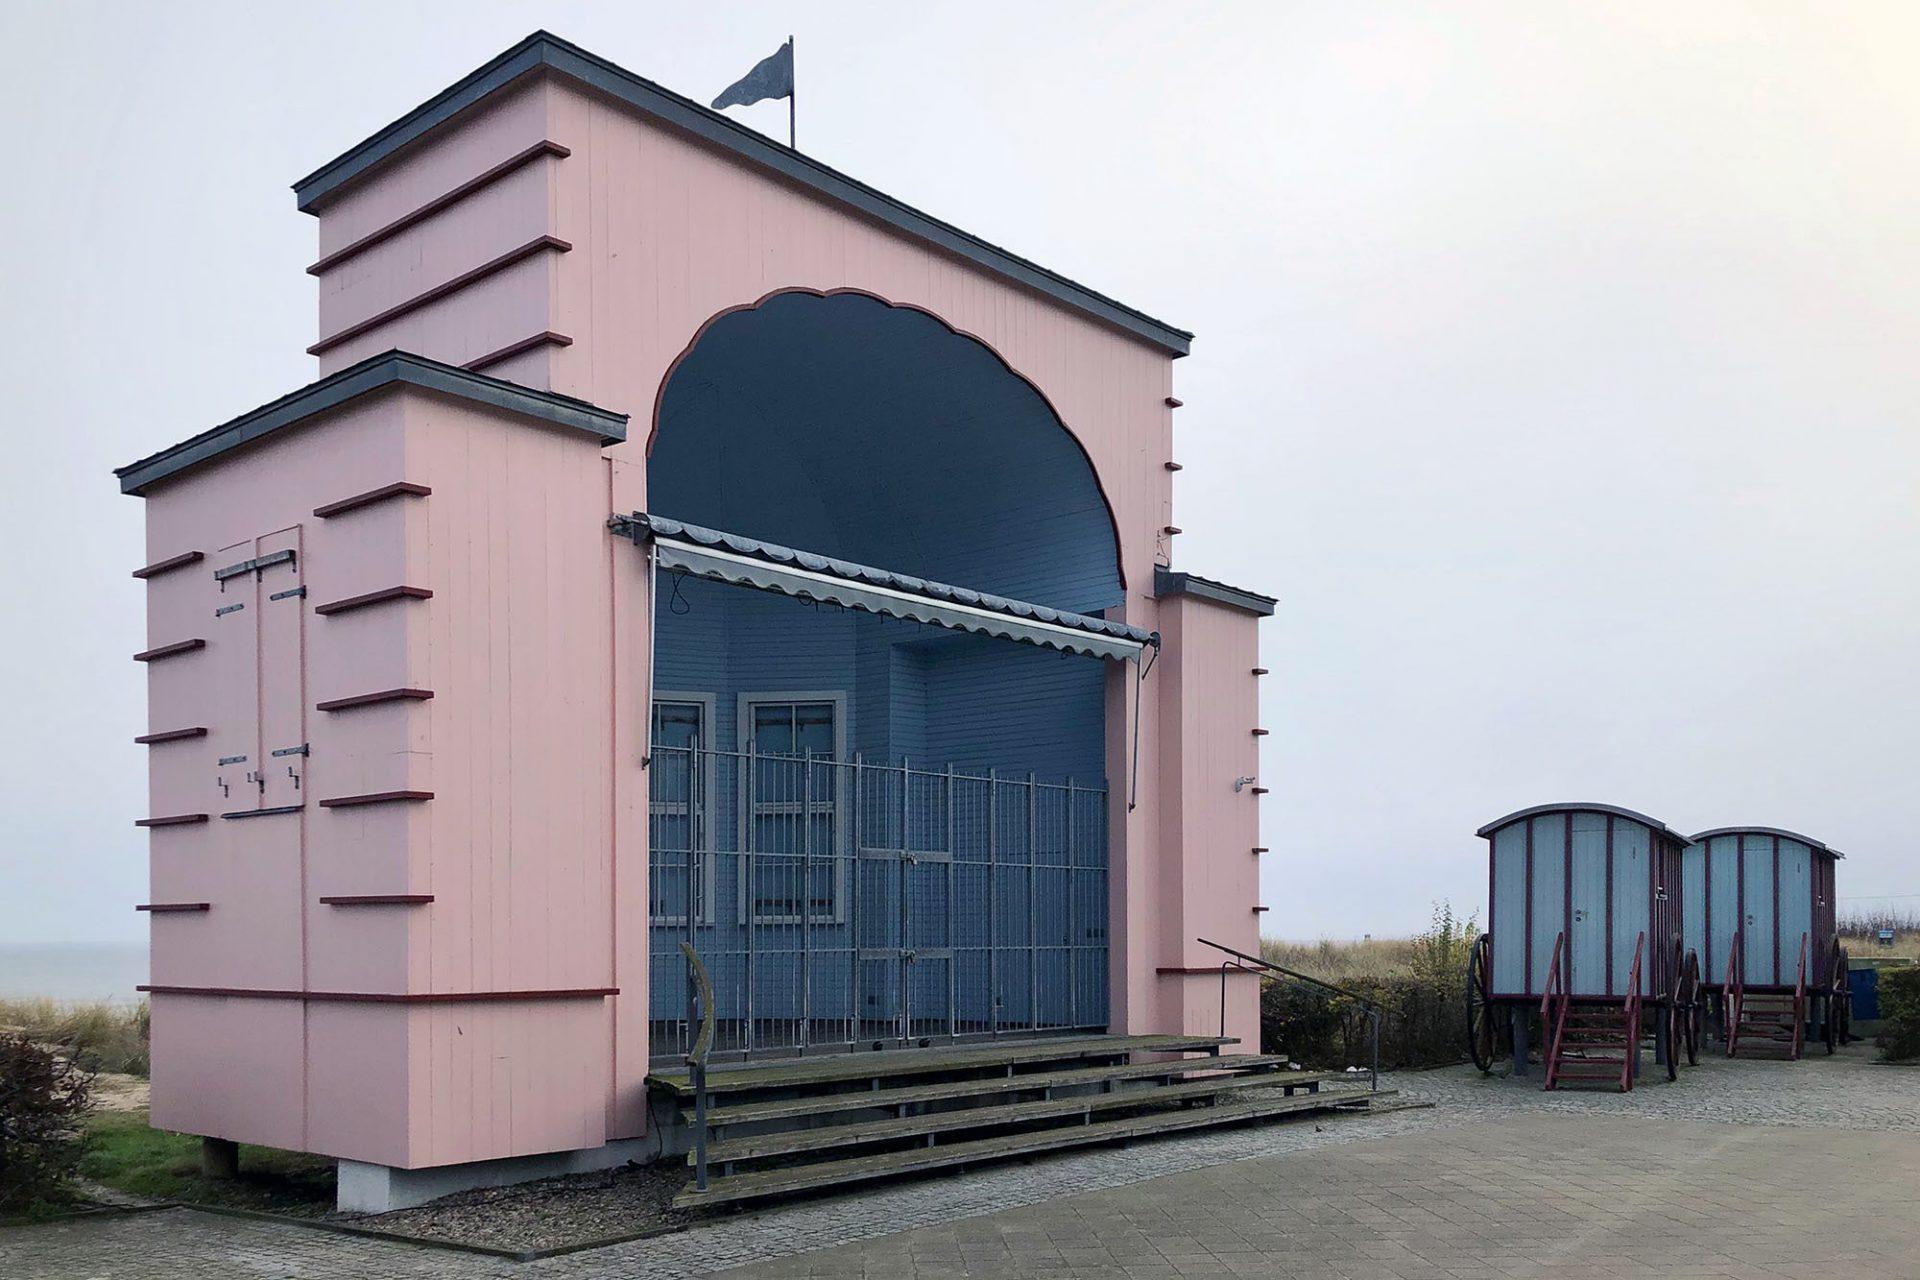 """Bansin. Die """"Kurmuschel"""" mit dem Konzertplatz wurde 1932 mit einem Pfingstkonzert eröffnet und ist heute denkmalgeschützt. Zu beiden Seiten stehen Nachbauten der historischen Badekarren, in denen die Badegäste mit vorgespannten Pferden zur See gebracht wurde."""